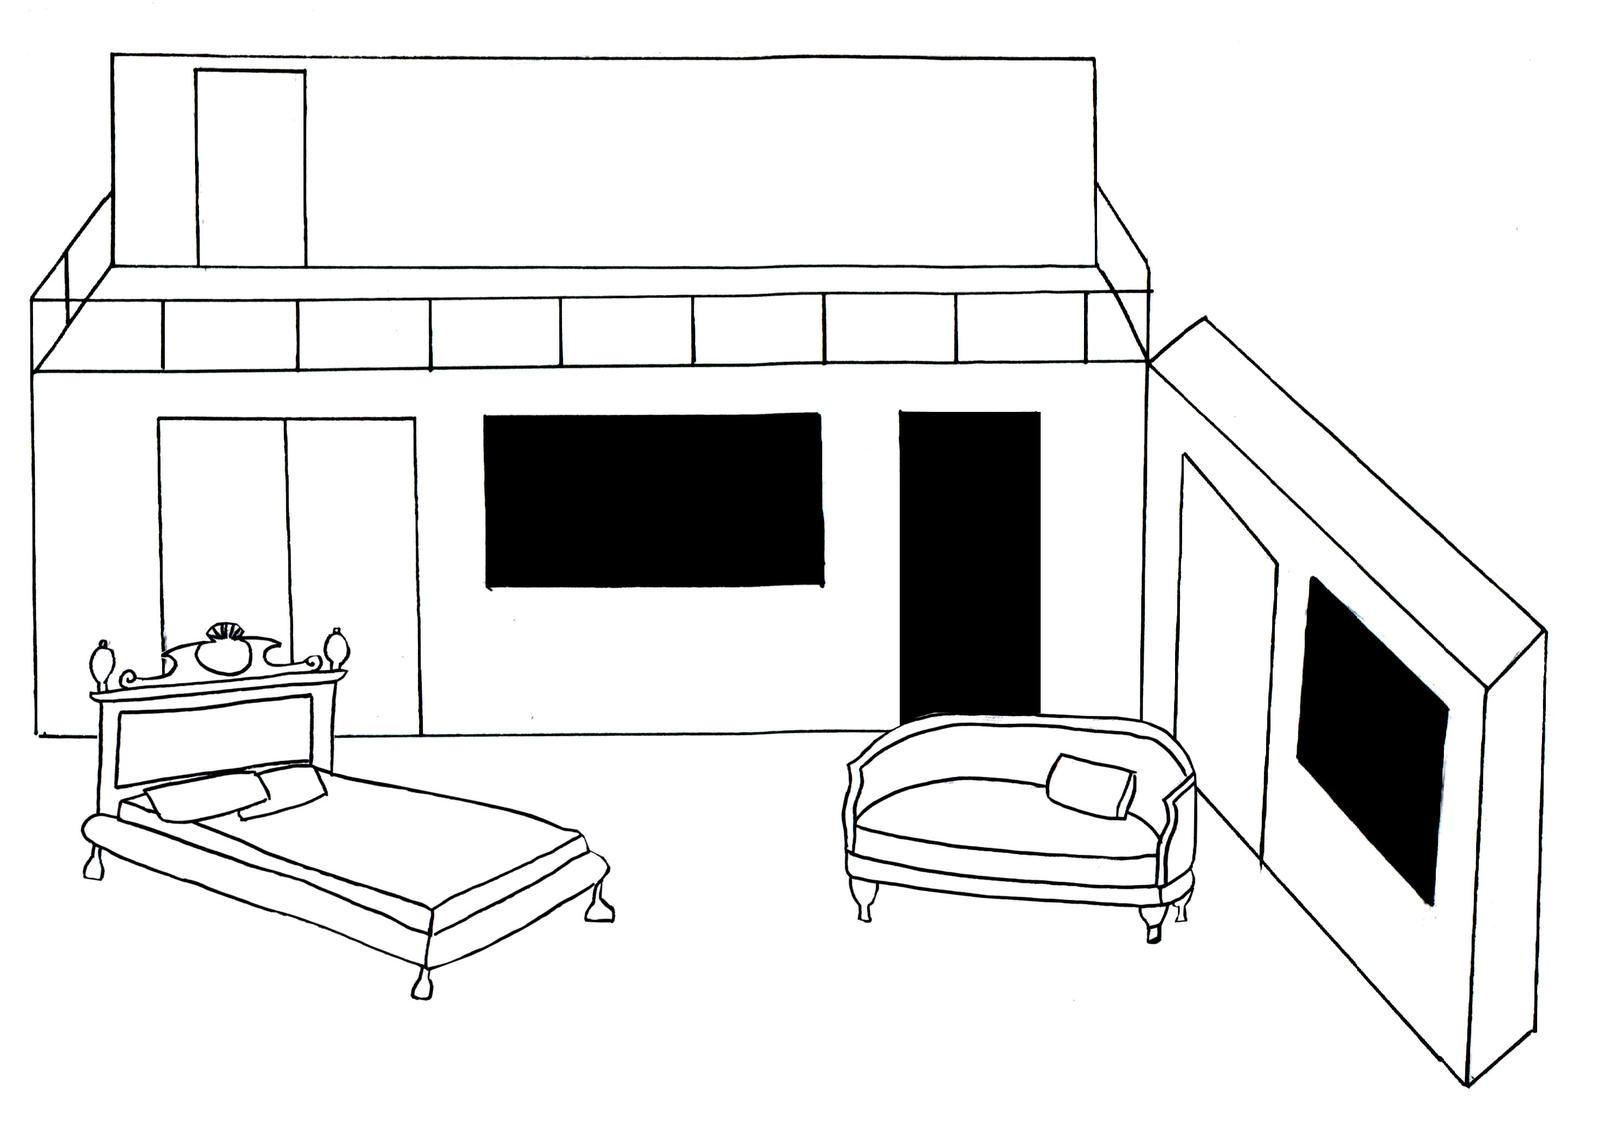 Le décor pour la chambre de Lorenzo, par exemple utilisé aux scènes 5 et 11 de l'acte IV.